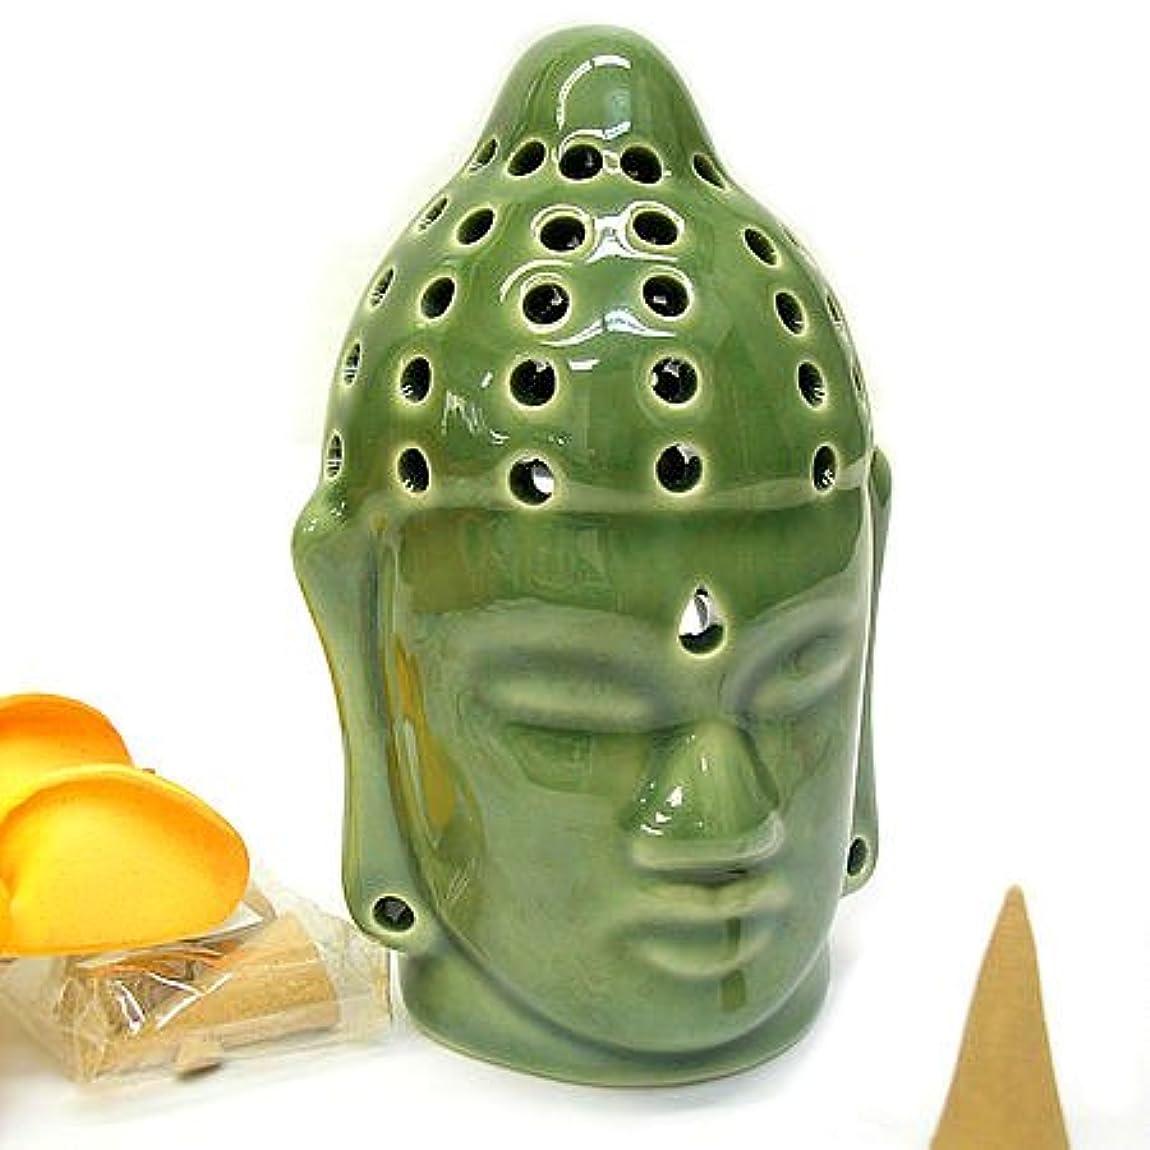 標高いたずら行商人仏陀の お香たて 香炉 コーン用 緑 インセンスホルダー コーン用 お香立て お香たて アジアン雑貨 バリ雑貨